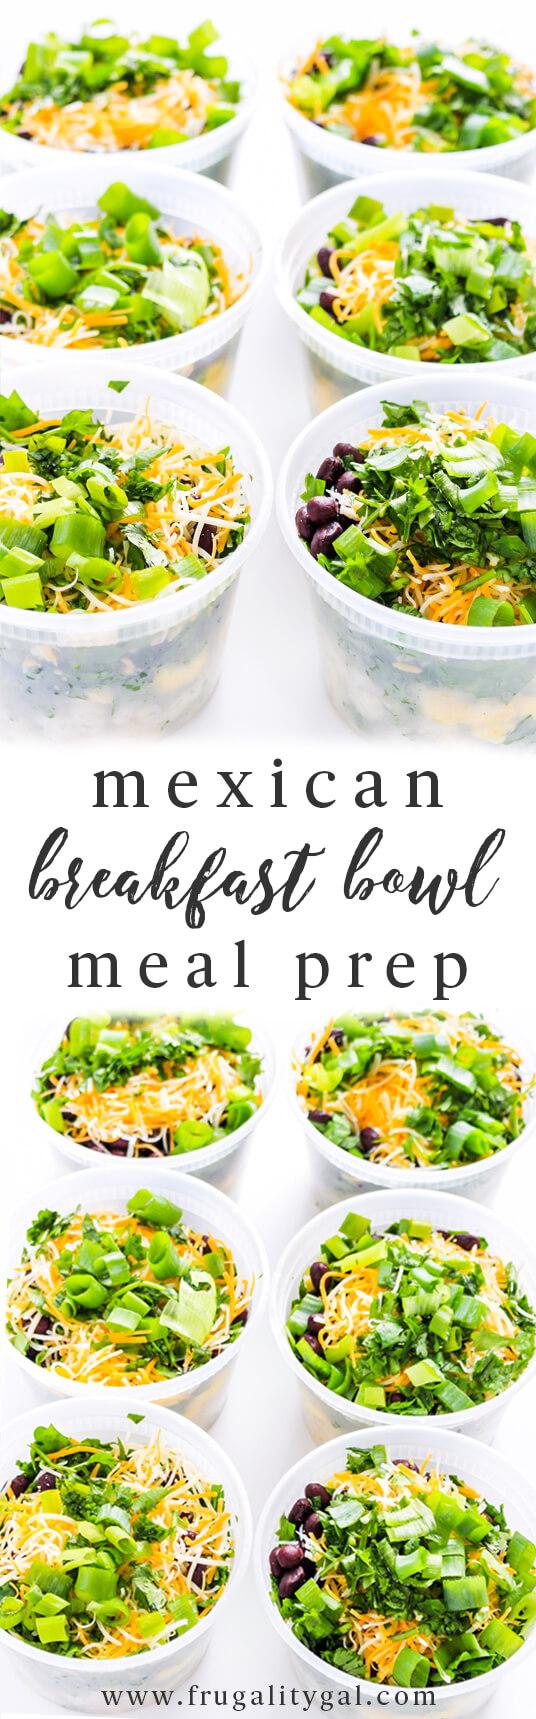 Make Ahead Breakfast Bowls Meal Prep